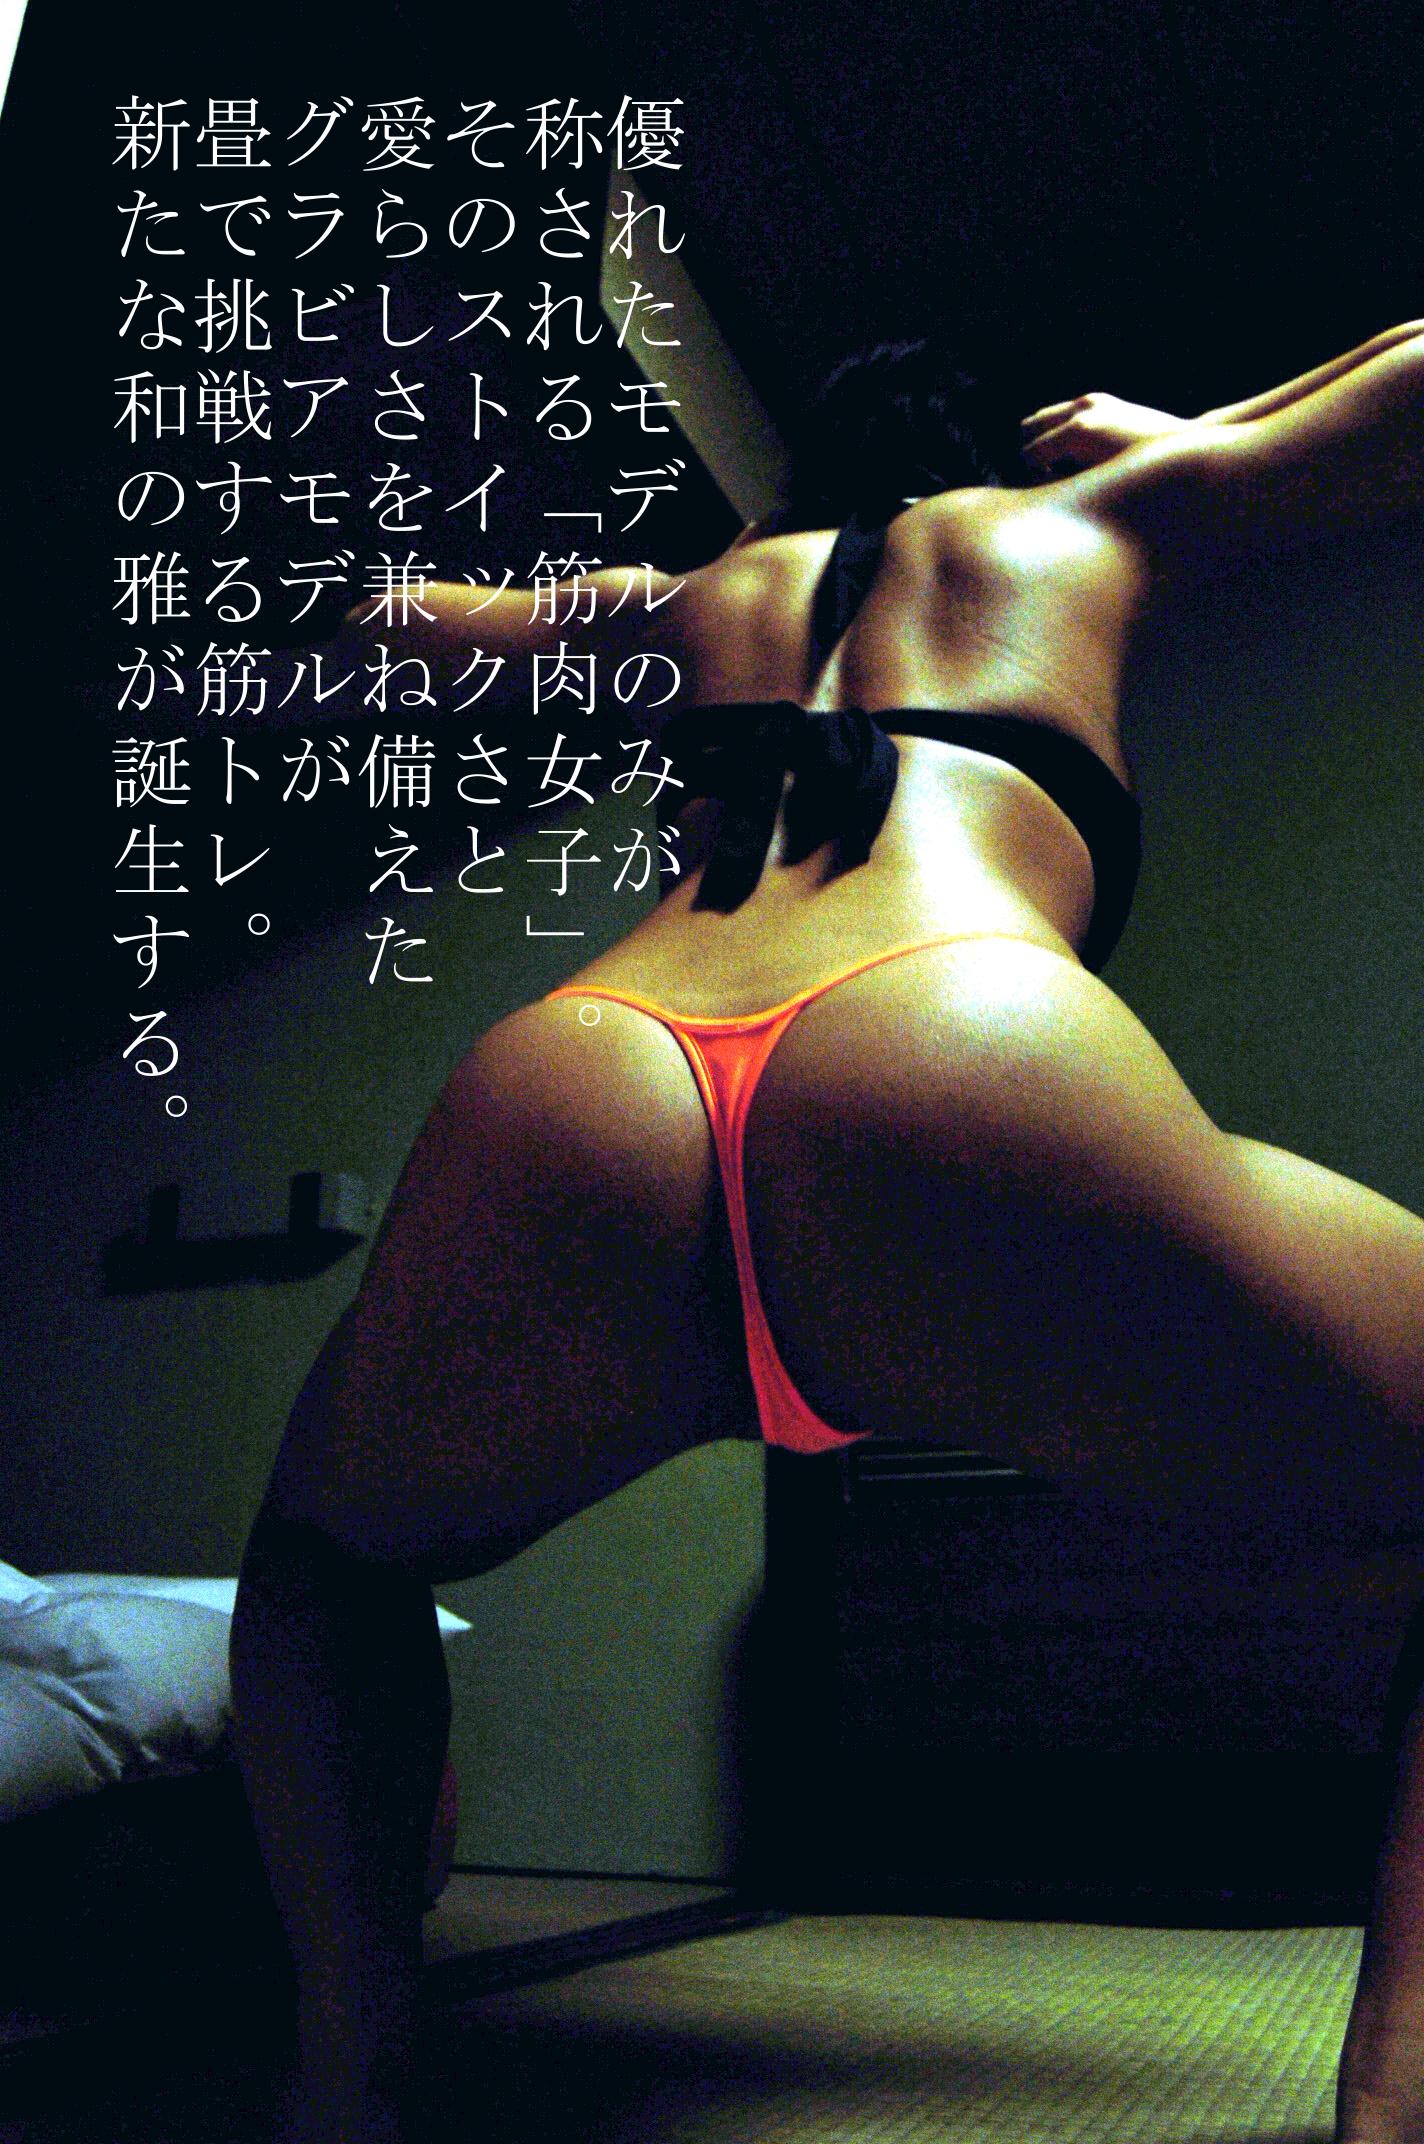 image http://scanlover.com/assets/images/2172-s0SOlejsGUUigetD.jpeg